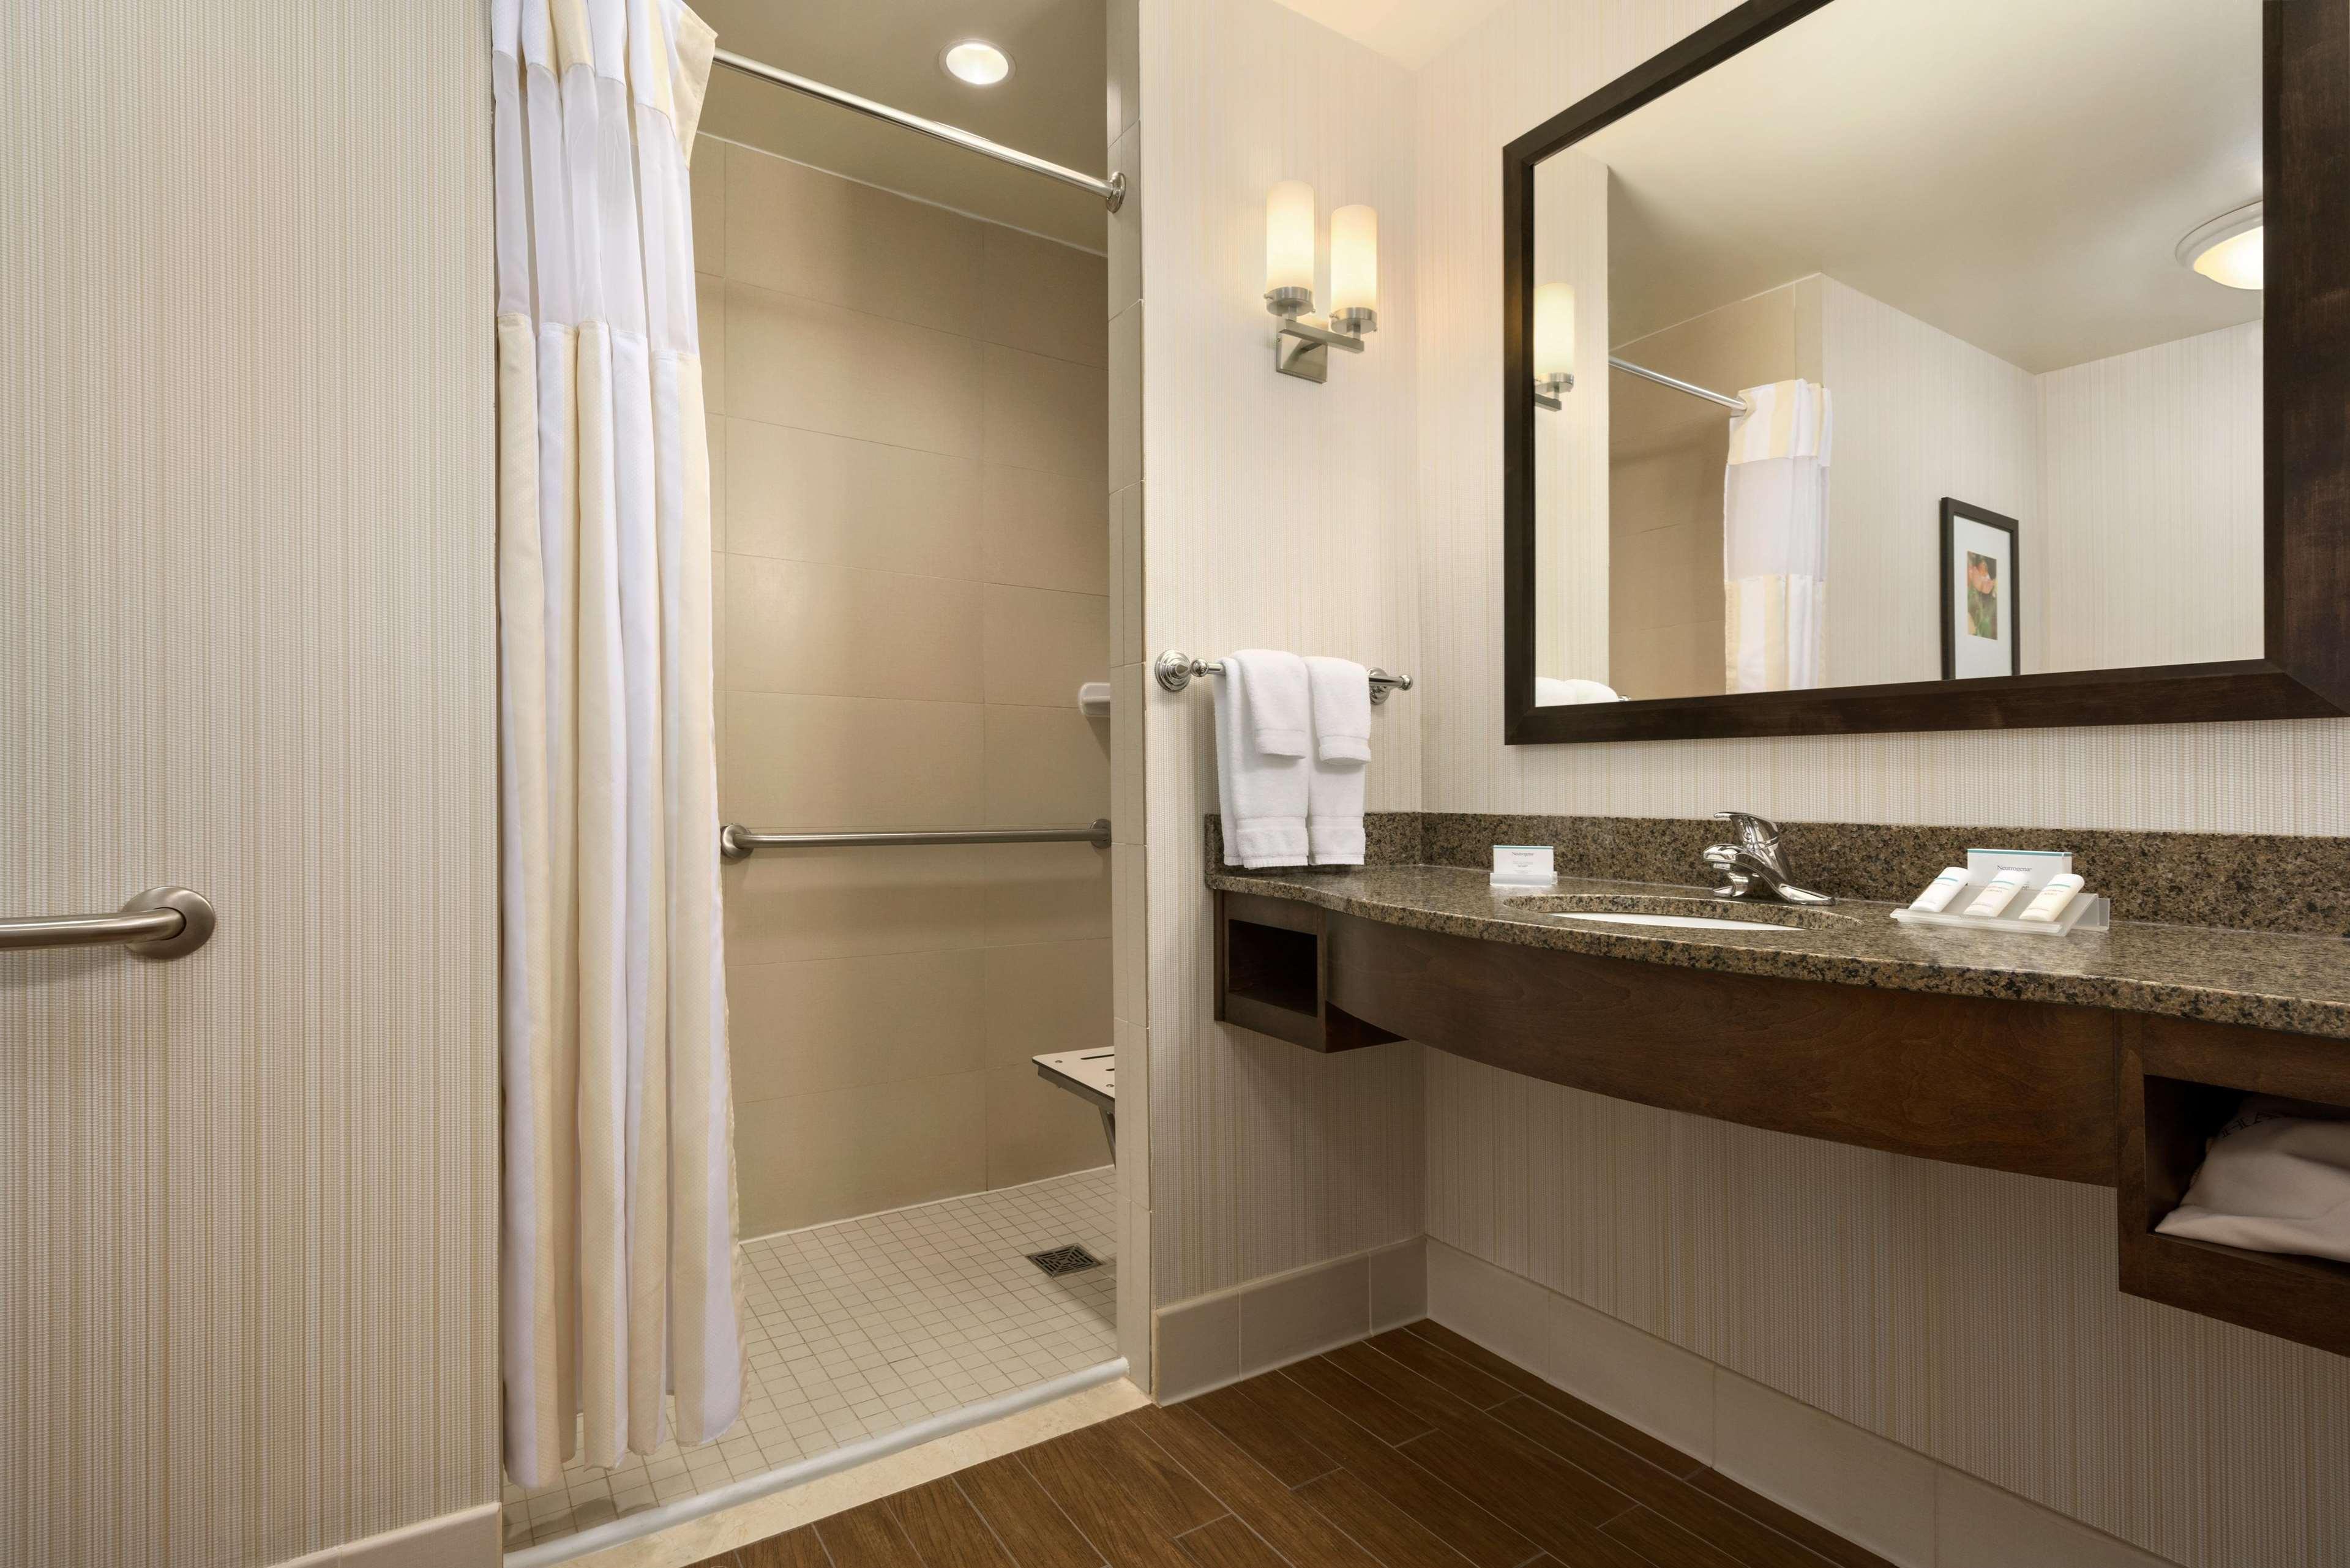 Hilton Garden Inn Stony Brook 1 Circle Road Stony Brook, NY Hotels ...